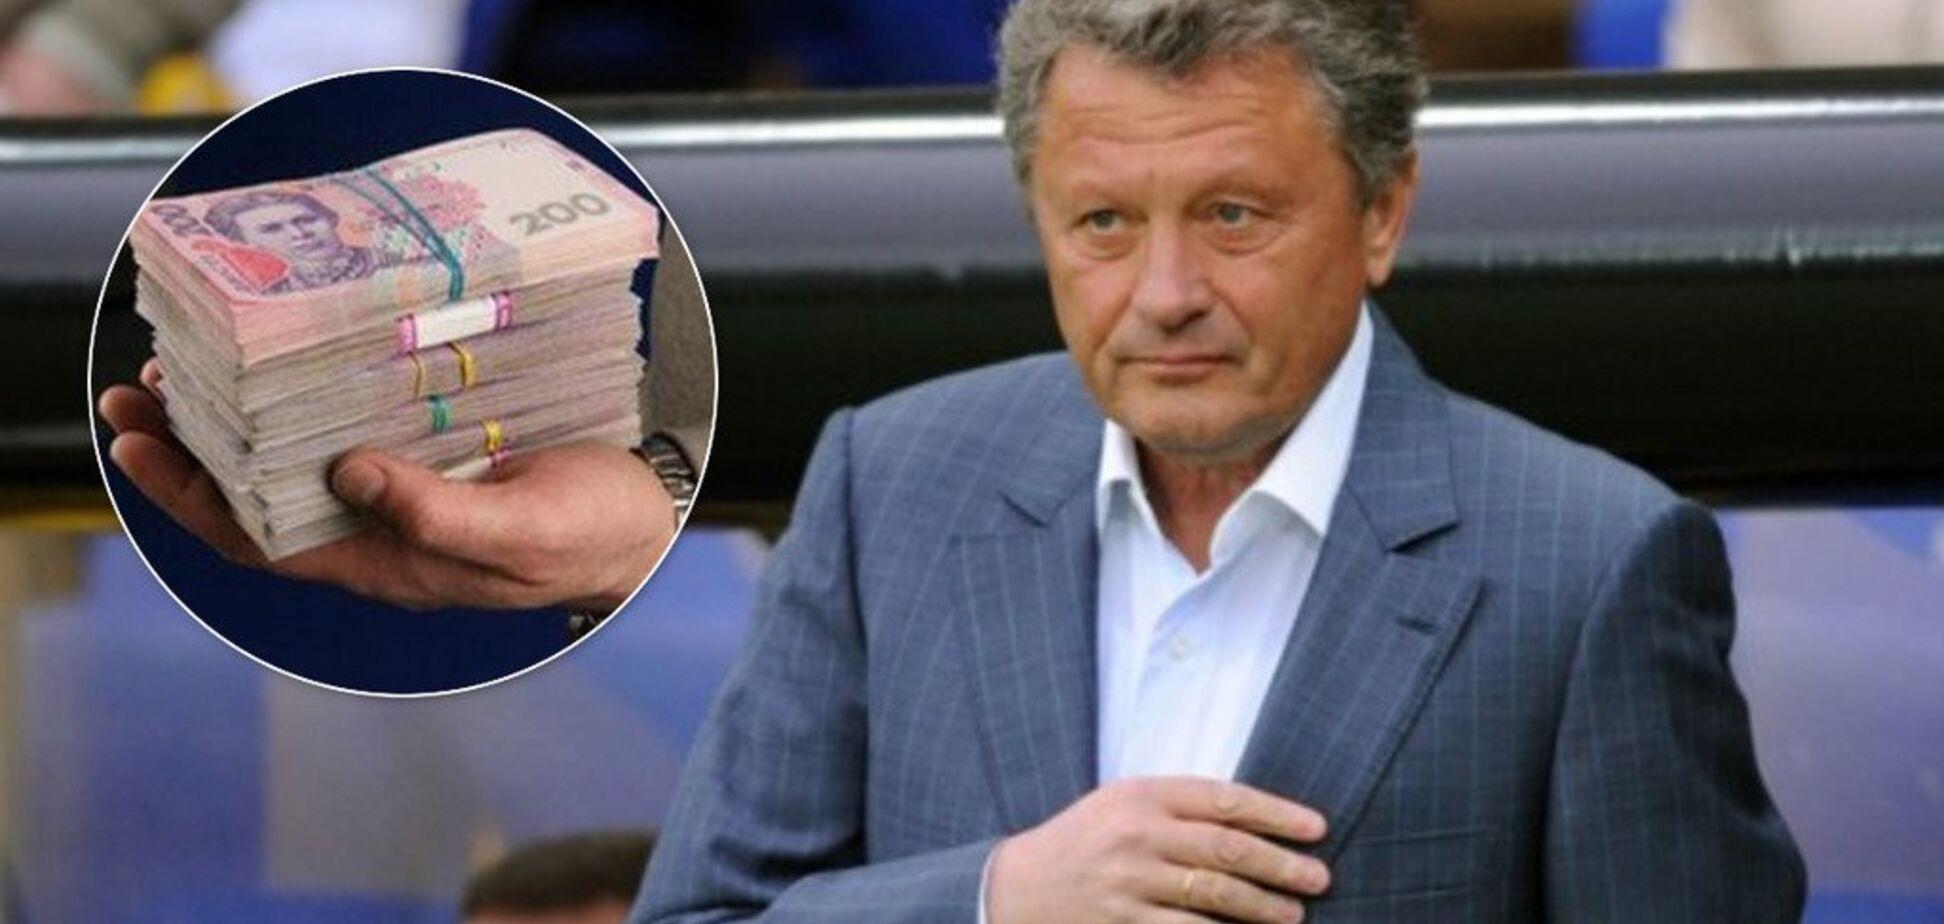 730 000 грн в месяц: опубликованы зарплаты чиновников в ФФУ